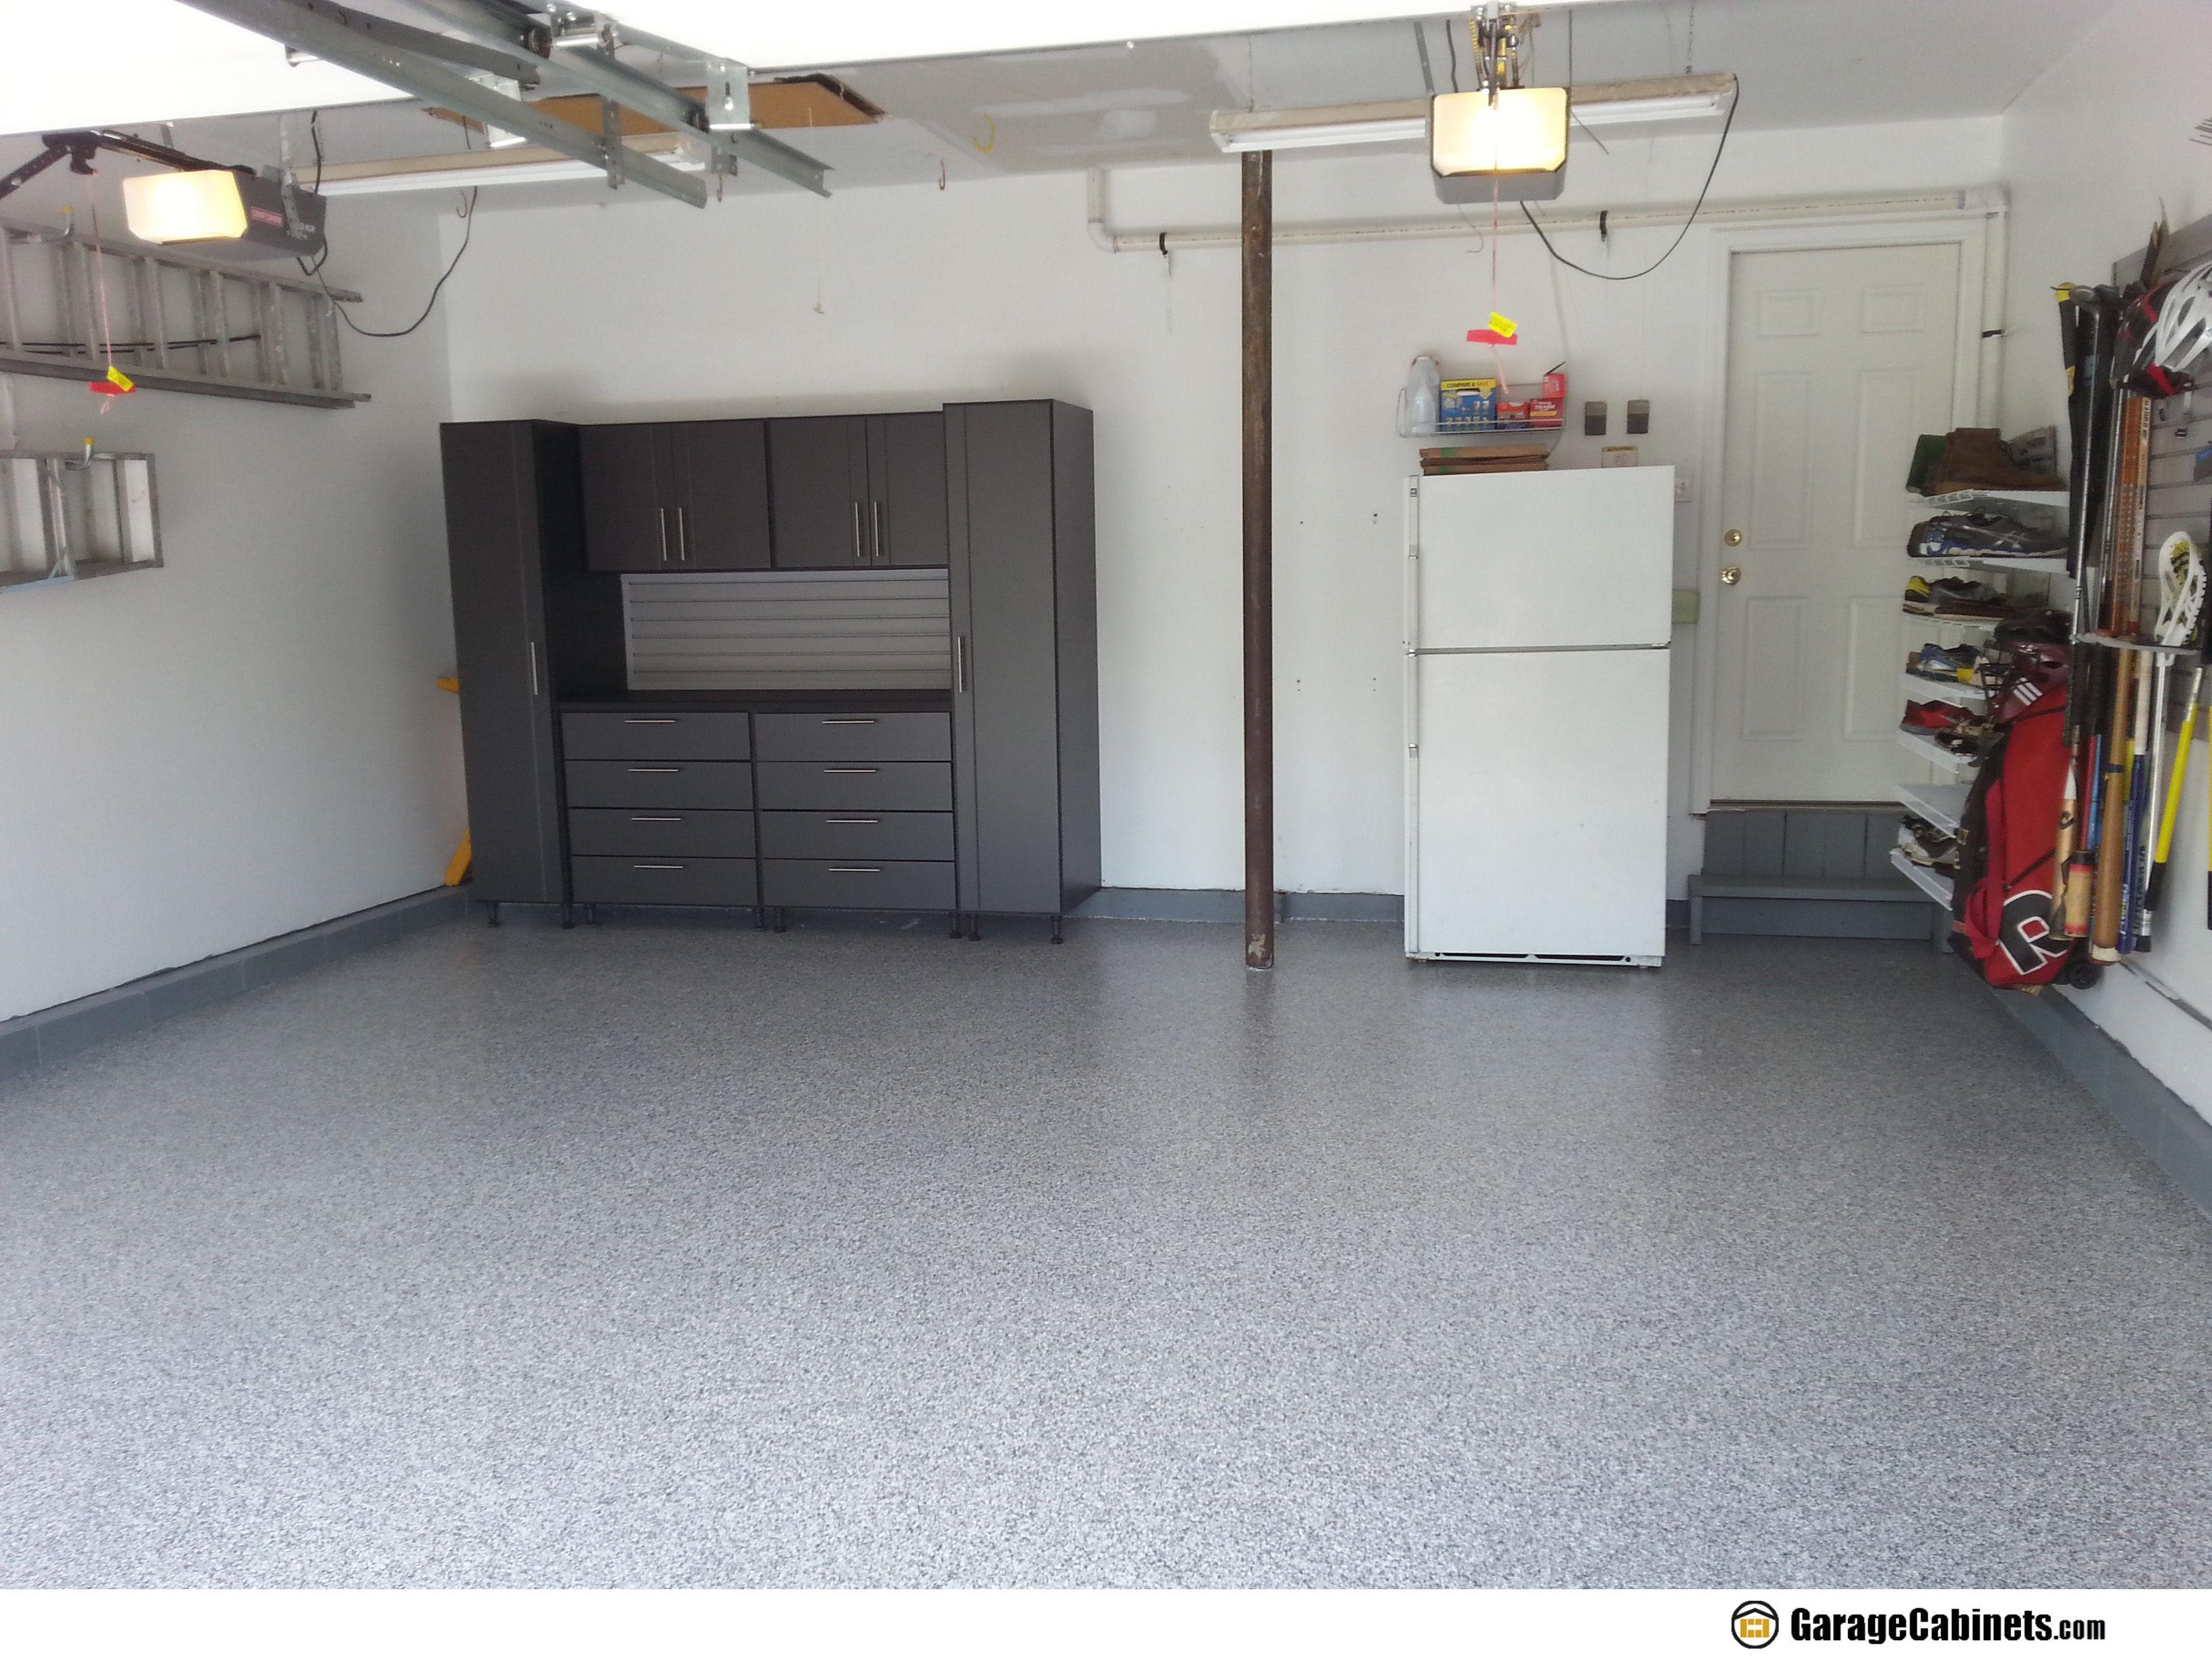 Garage Design Works With Images Garage Design Storage